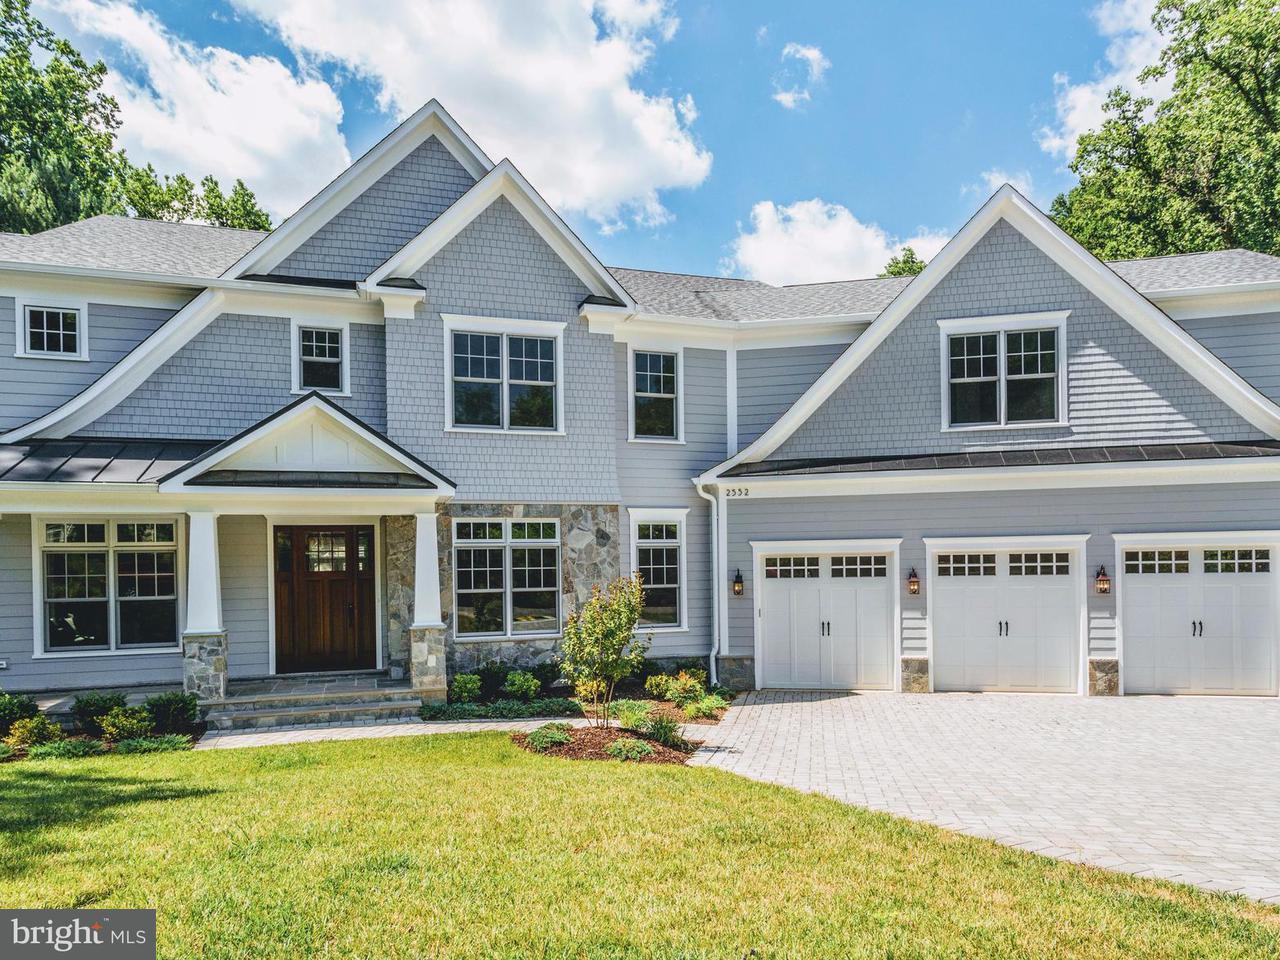 Частный односемейный дом для того Продажа на 2552 23RD RD N 2552 23RD RD N Arlington, Виргиния 22207 Соединенные Штаты